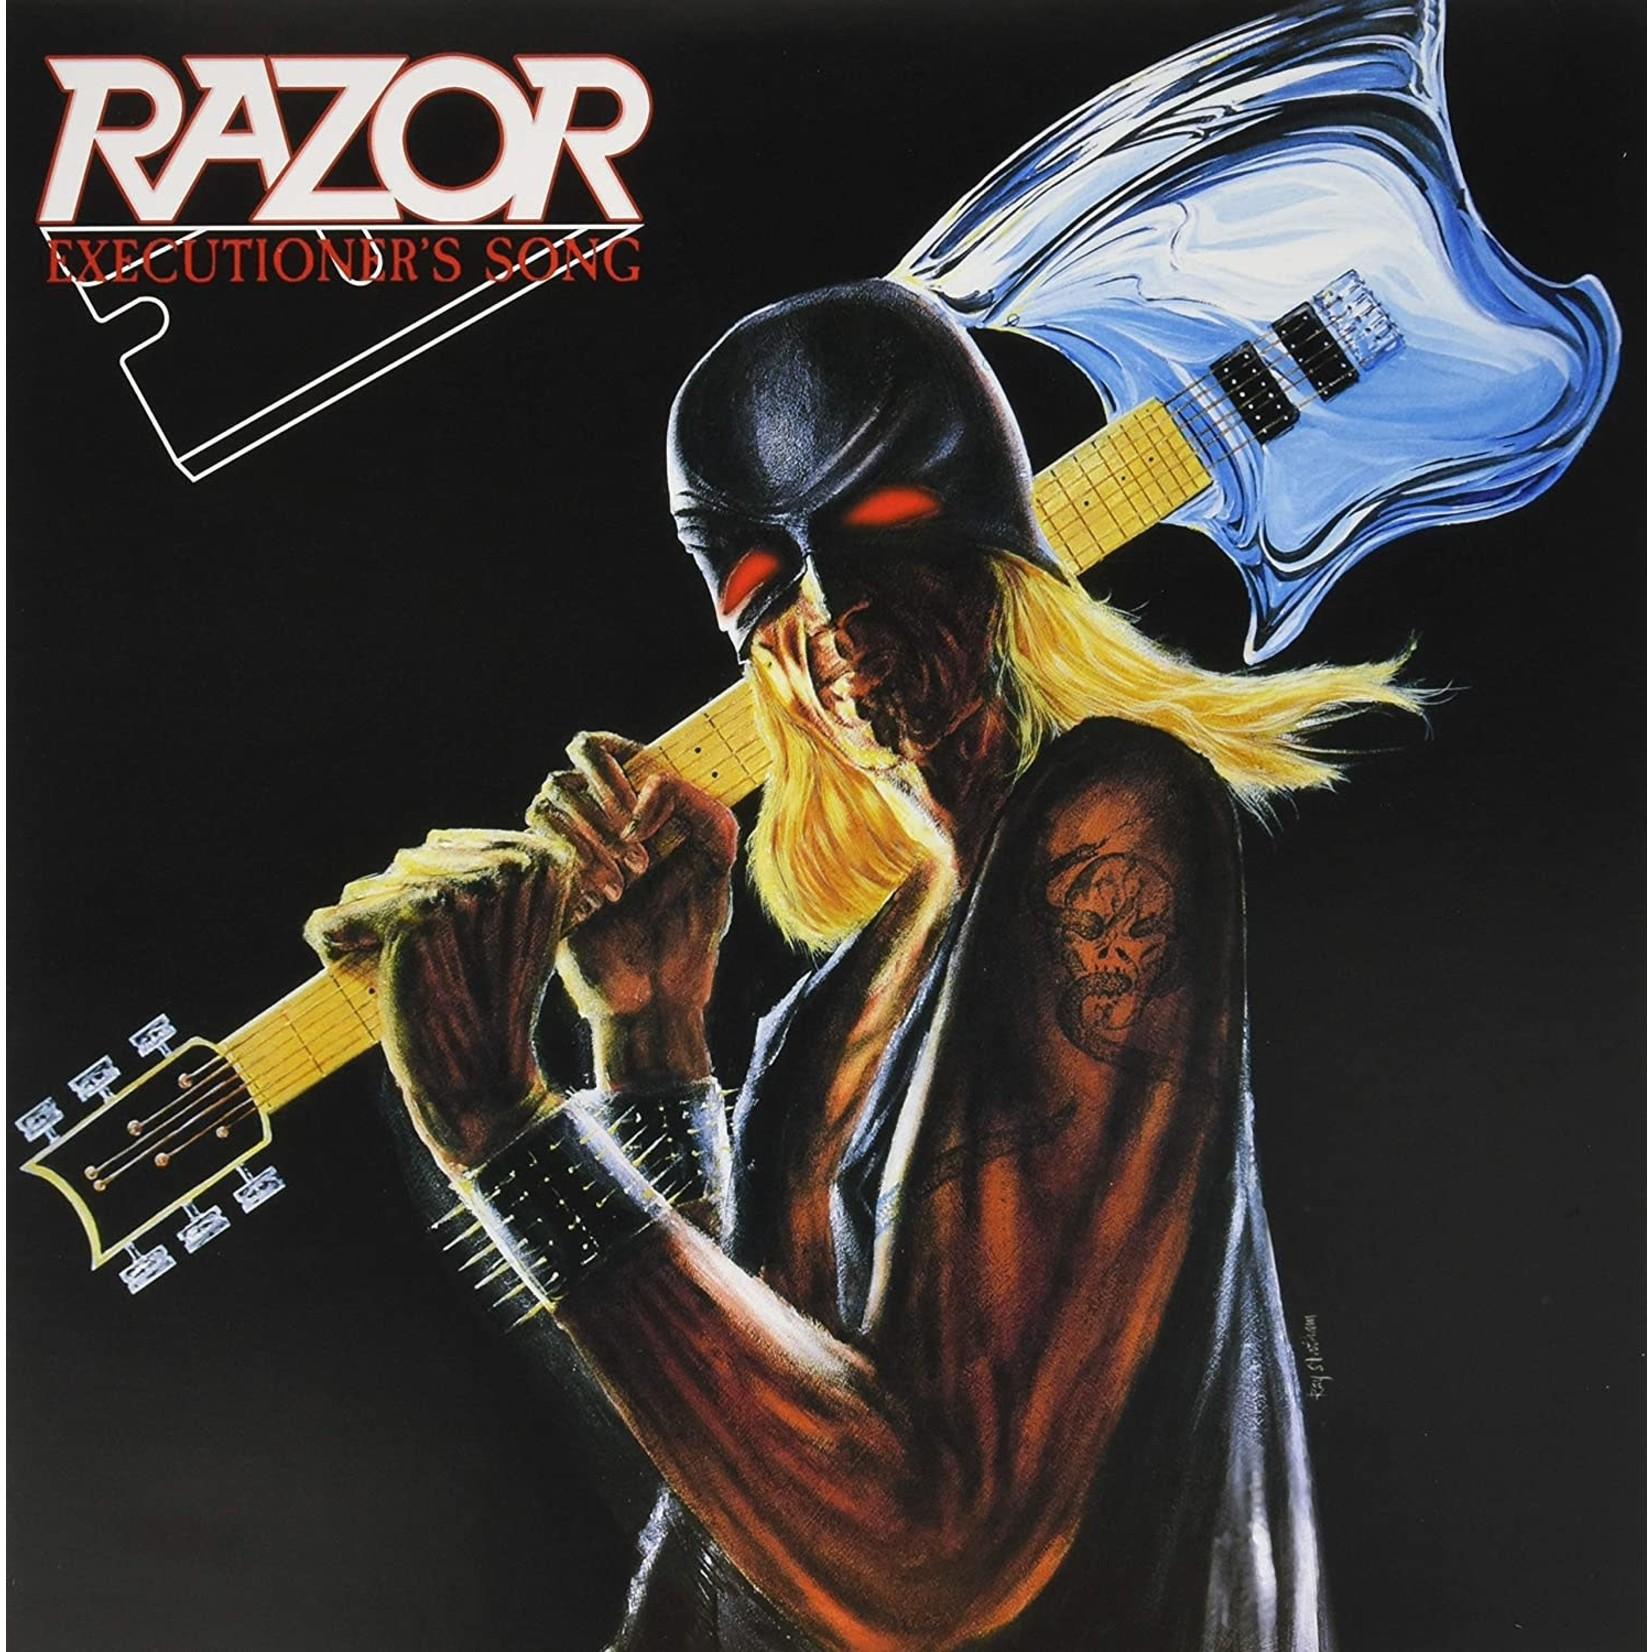 RAZOR EXECUTIONERS SONG (VINYL)